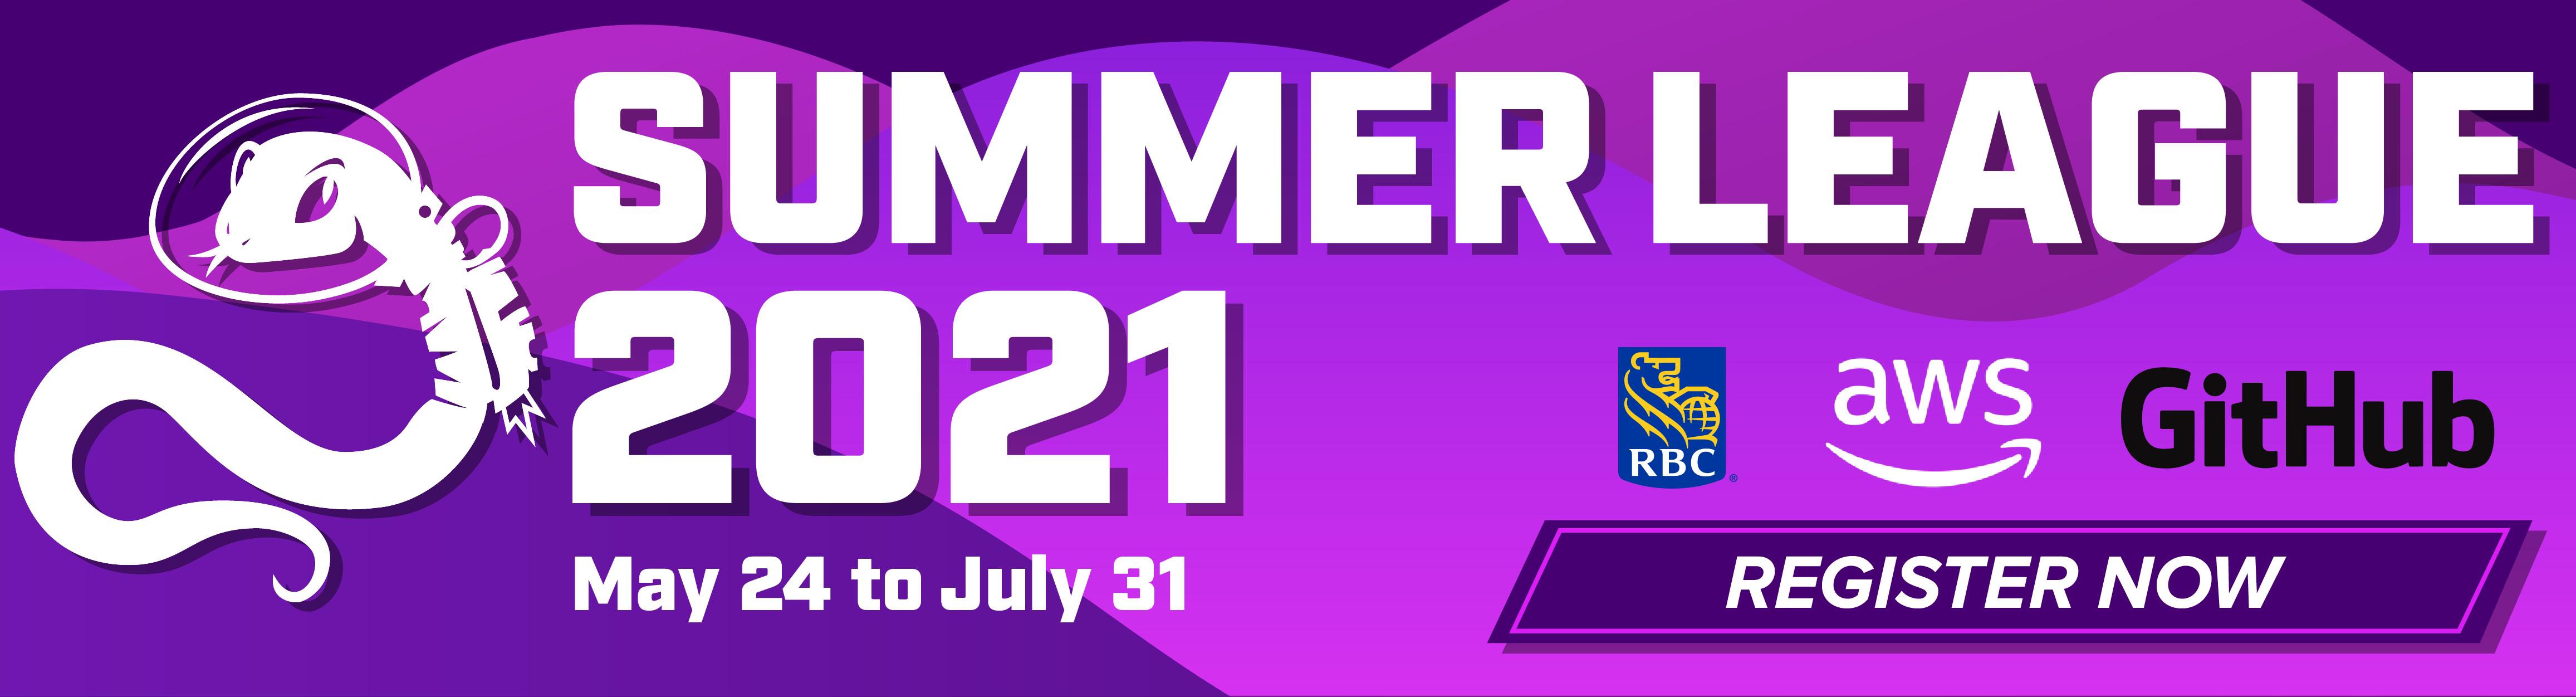 Summer League 2021 Reg